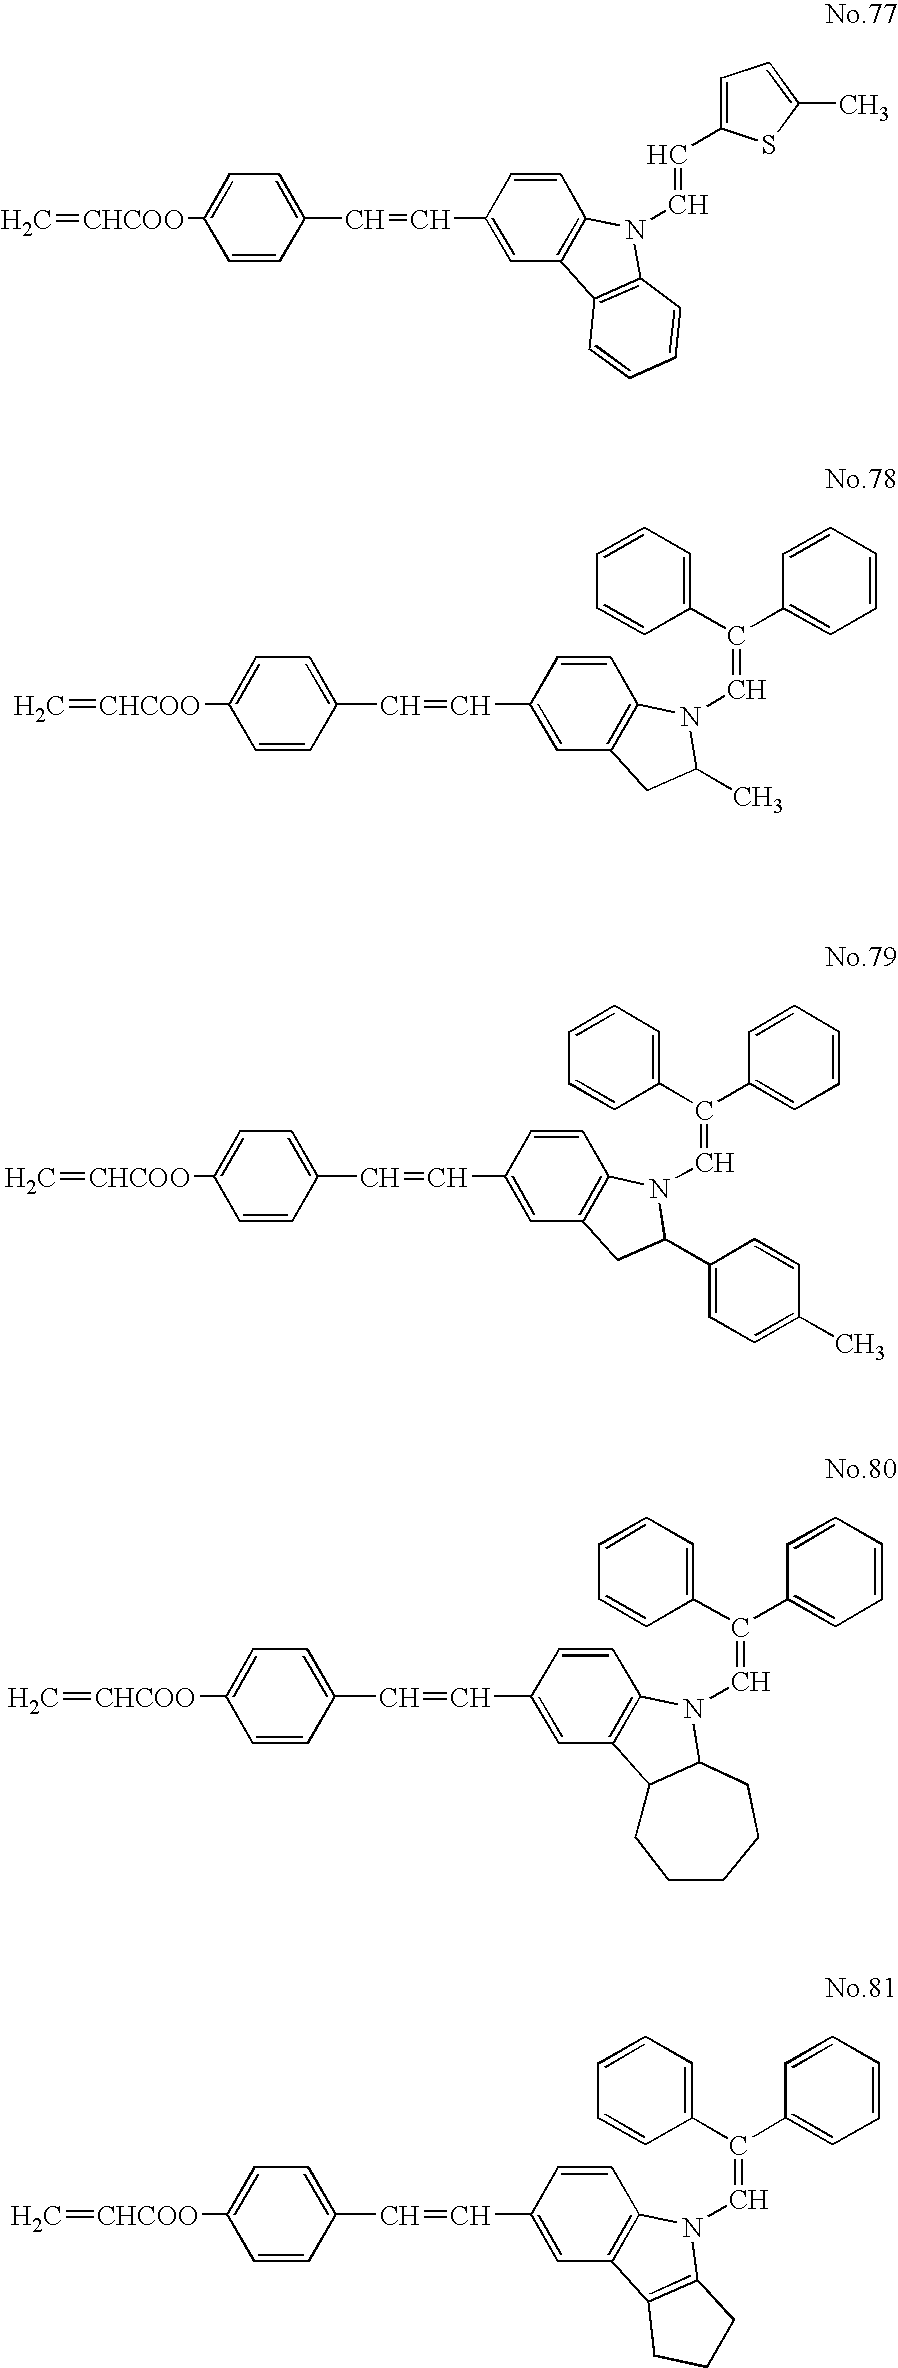 Figure US07507509-20090324-C00021